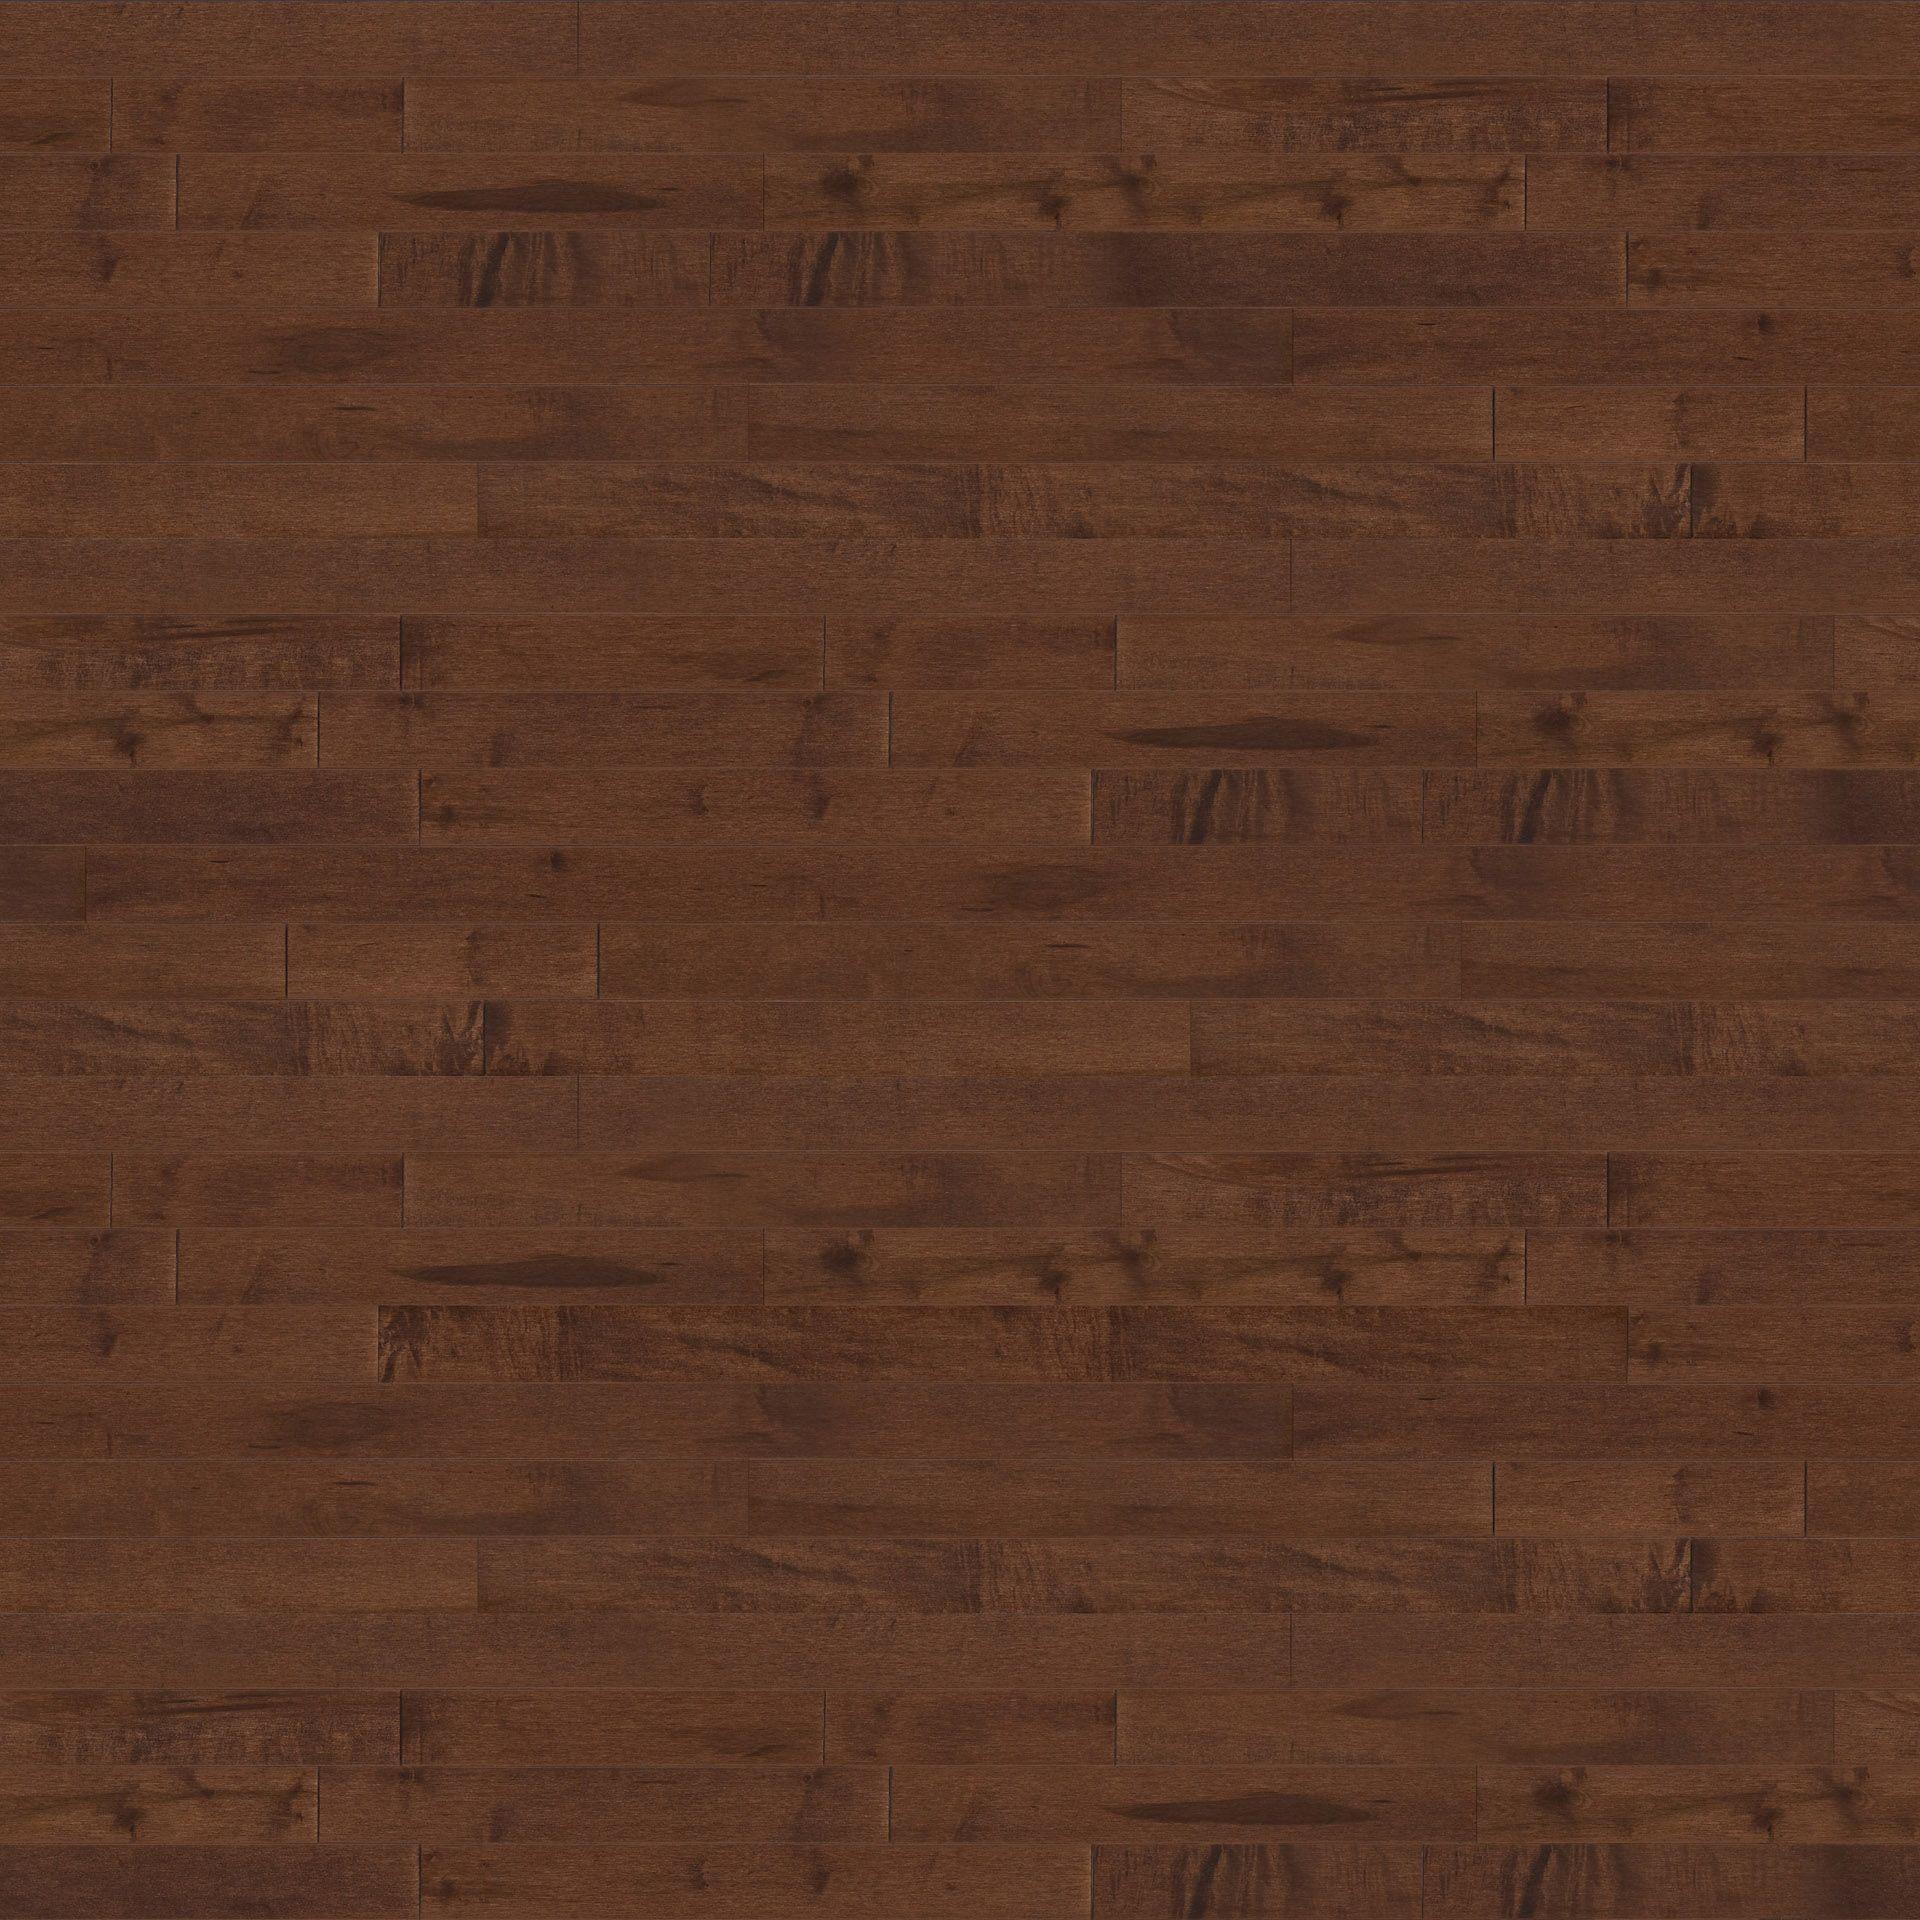 hardwood floor refinishing east hartford ct of home belknap white group in hard maple macchiatto